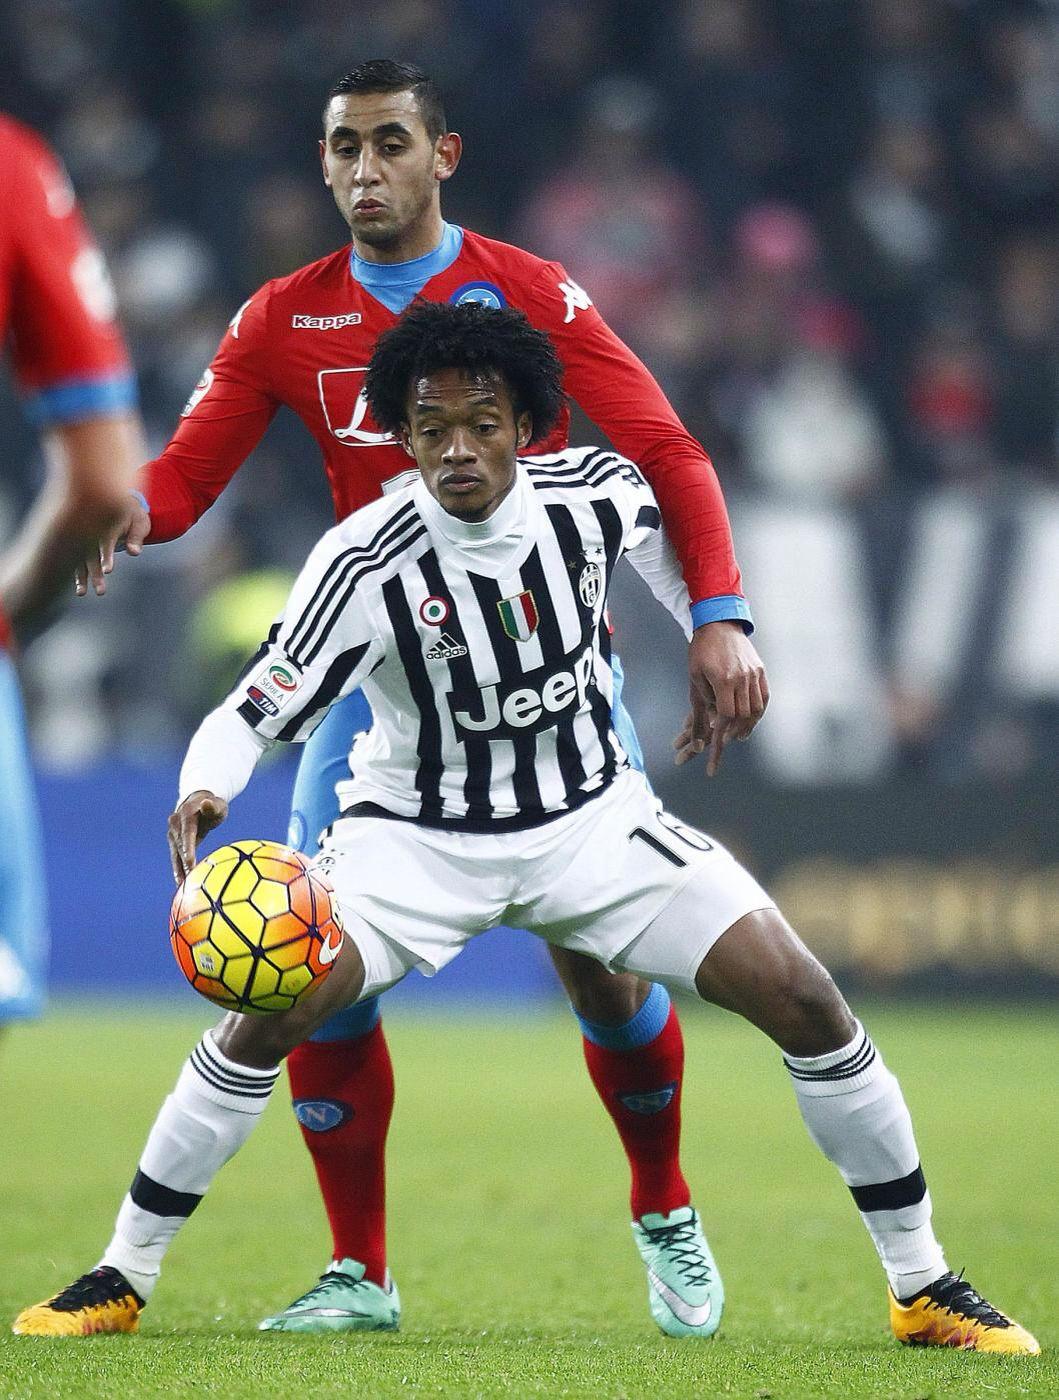 Juventus-Napoli 1-0: Zaza firma il sorpasso in vetta Un gol della punta all'88' regala il big match ai bianconeri. Quindicesima vittoria di fila e vetta